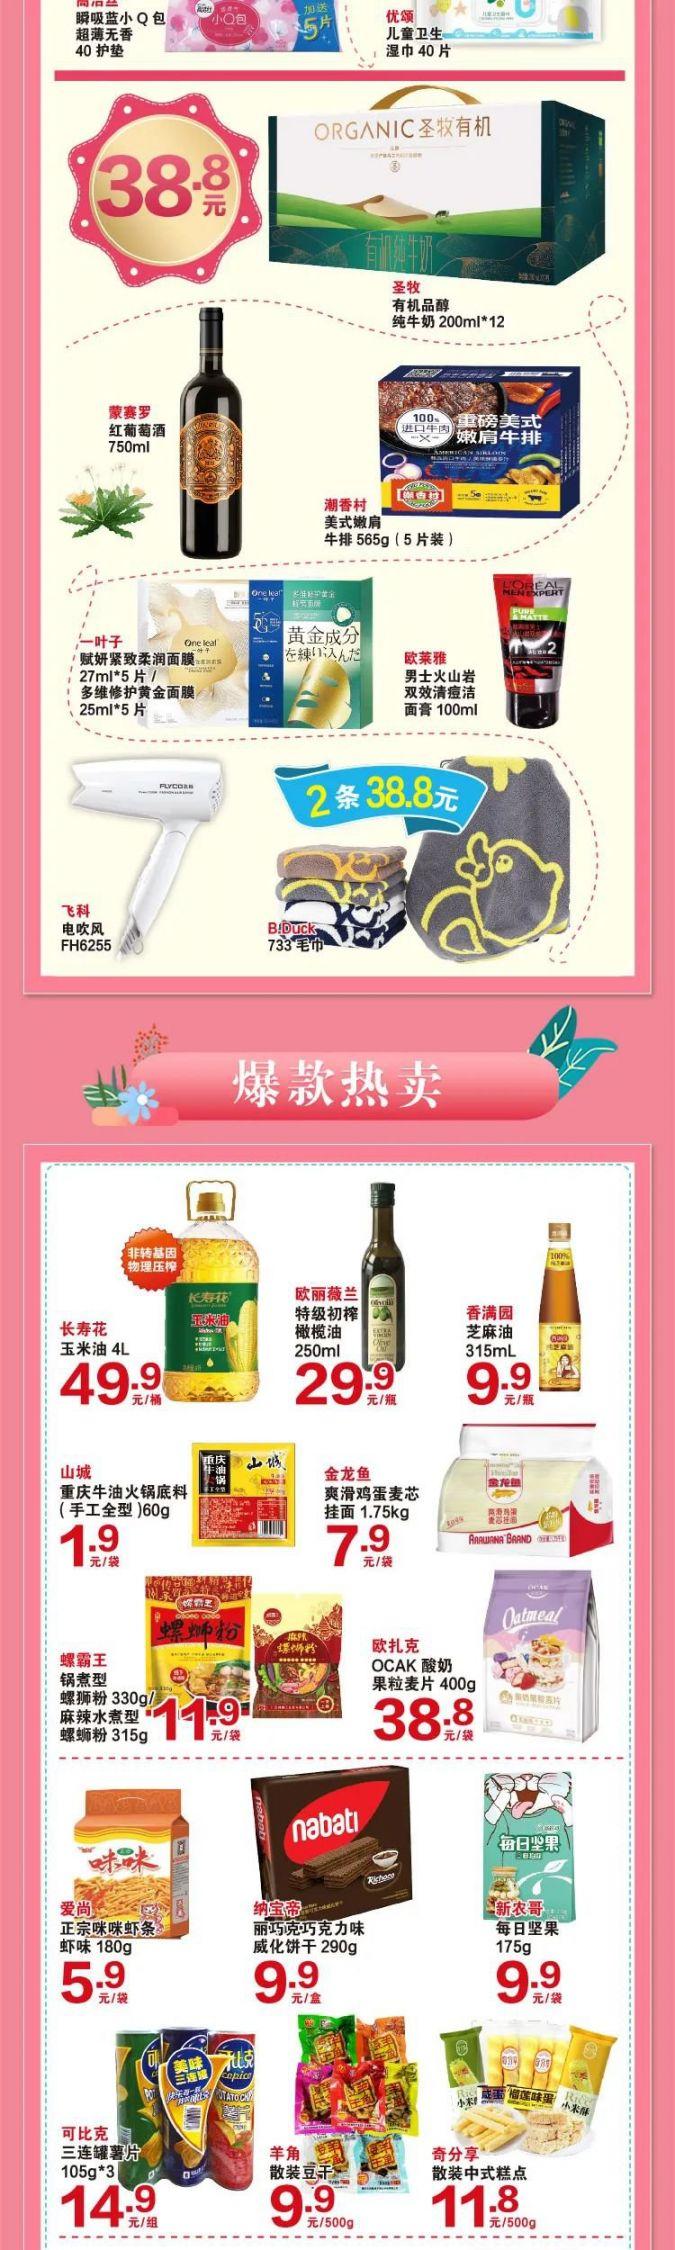 2021重慶38婦女節商場優惠活動匯總(持續更新)